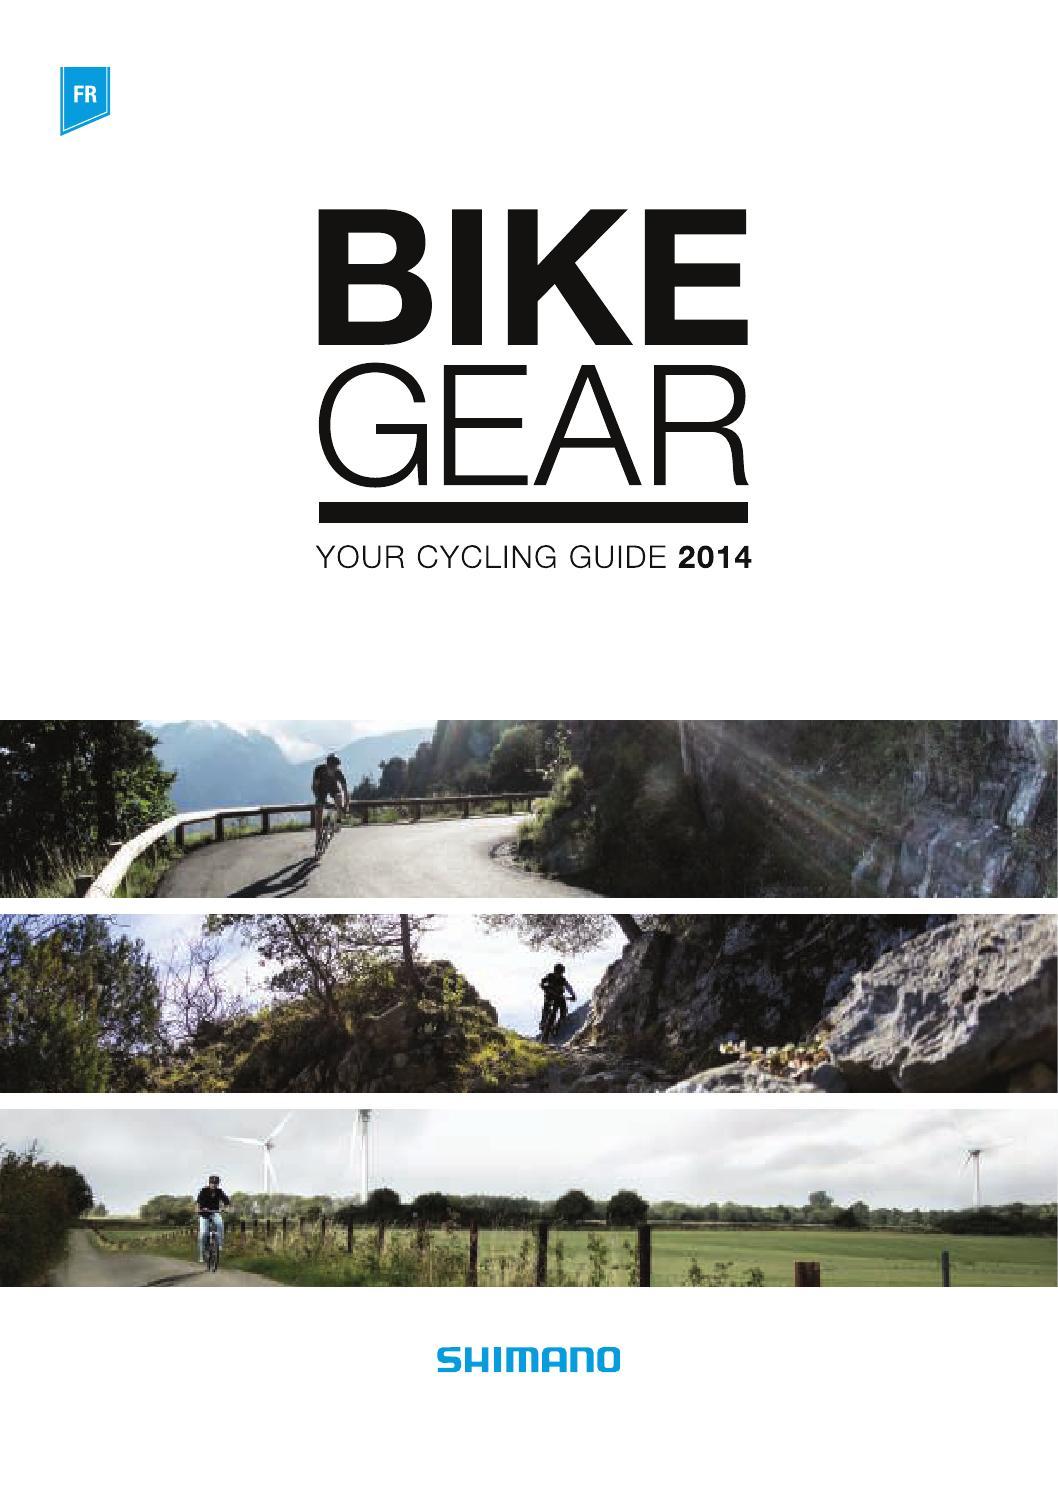 By Fr Issuu 2014 Openbikes Ebook Shimano Sfcc Bikegear fq6xfXv